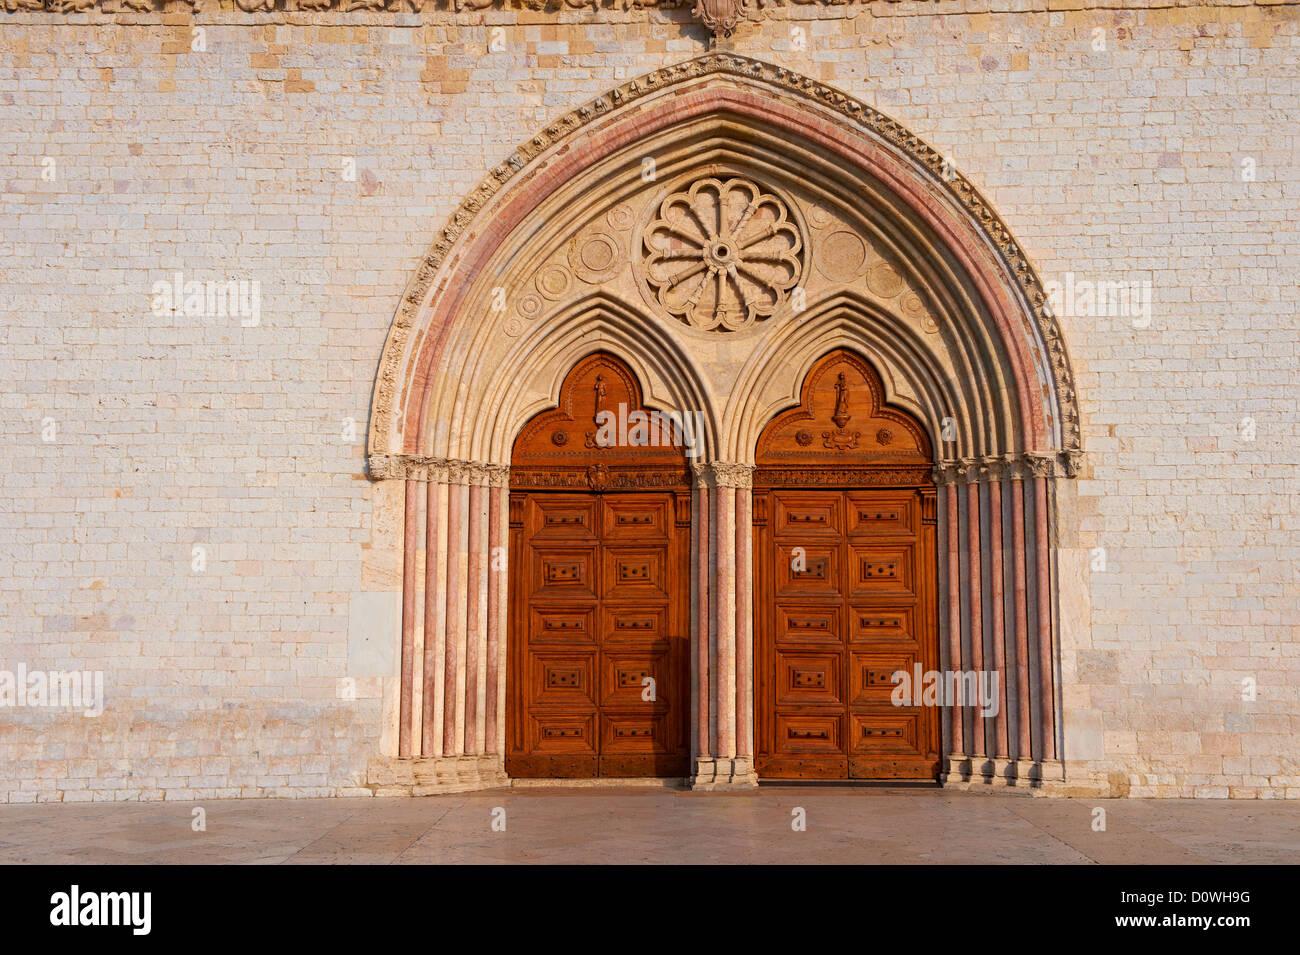 Assisi Saint Francis Basilica Italy Stockfotos & Assisi Saint ...